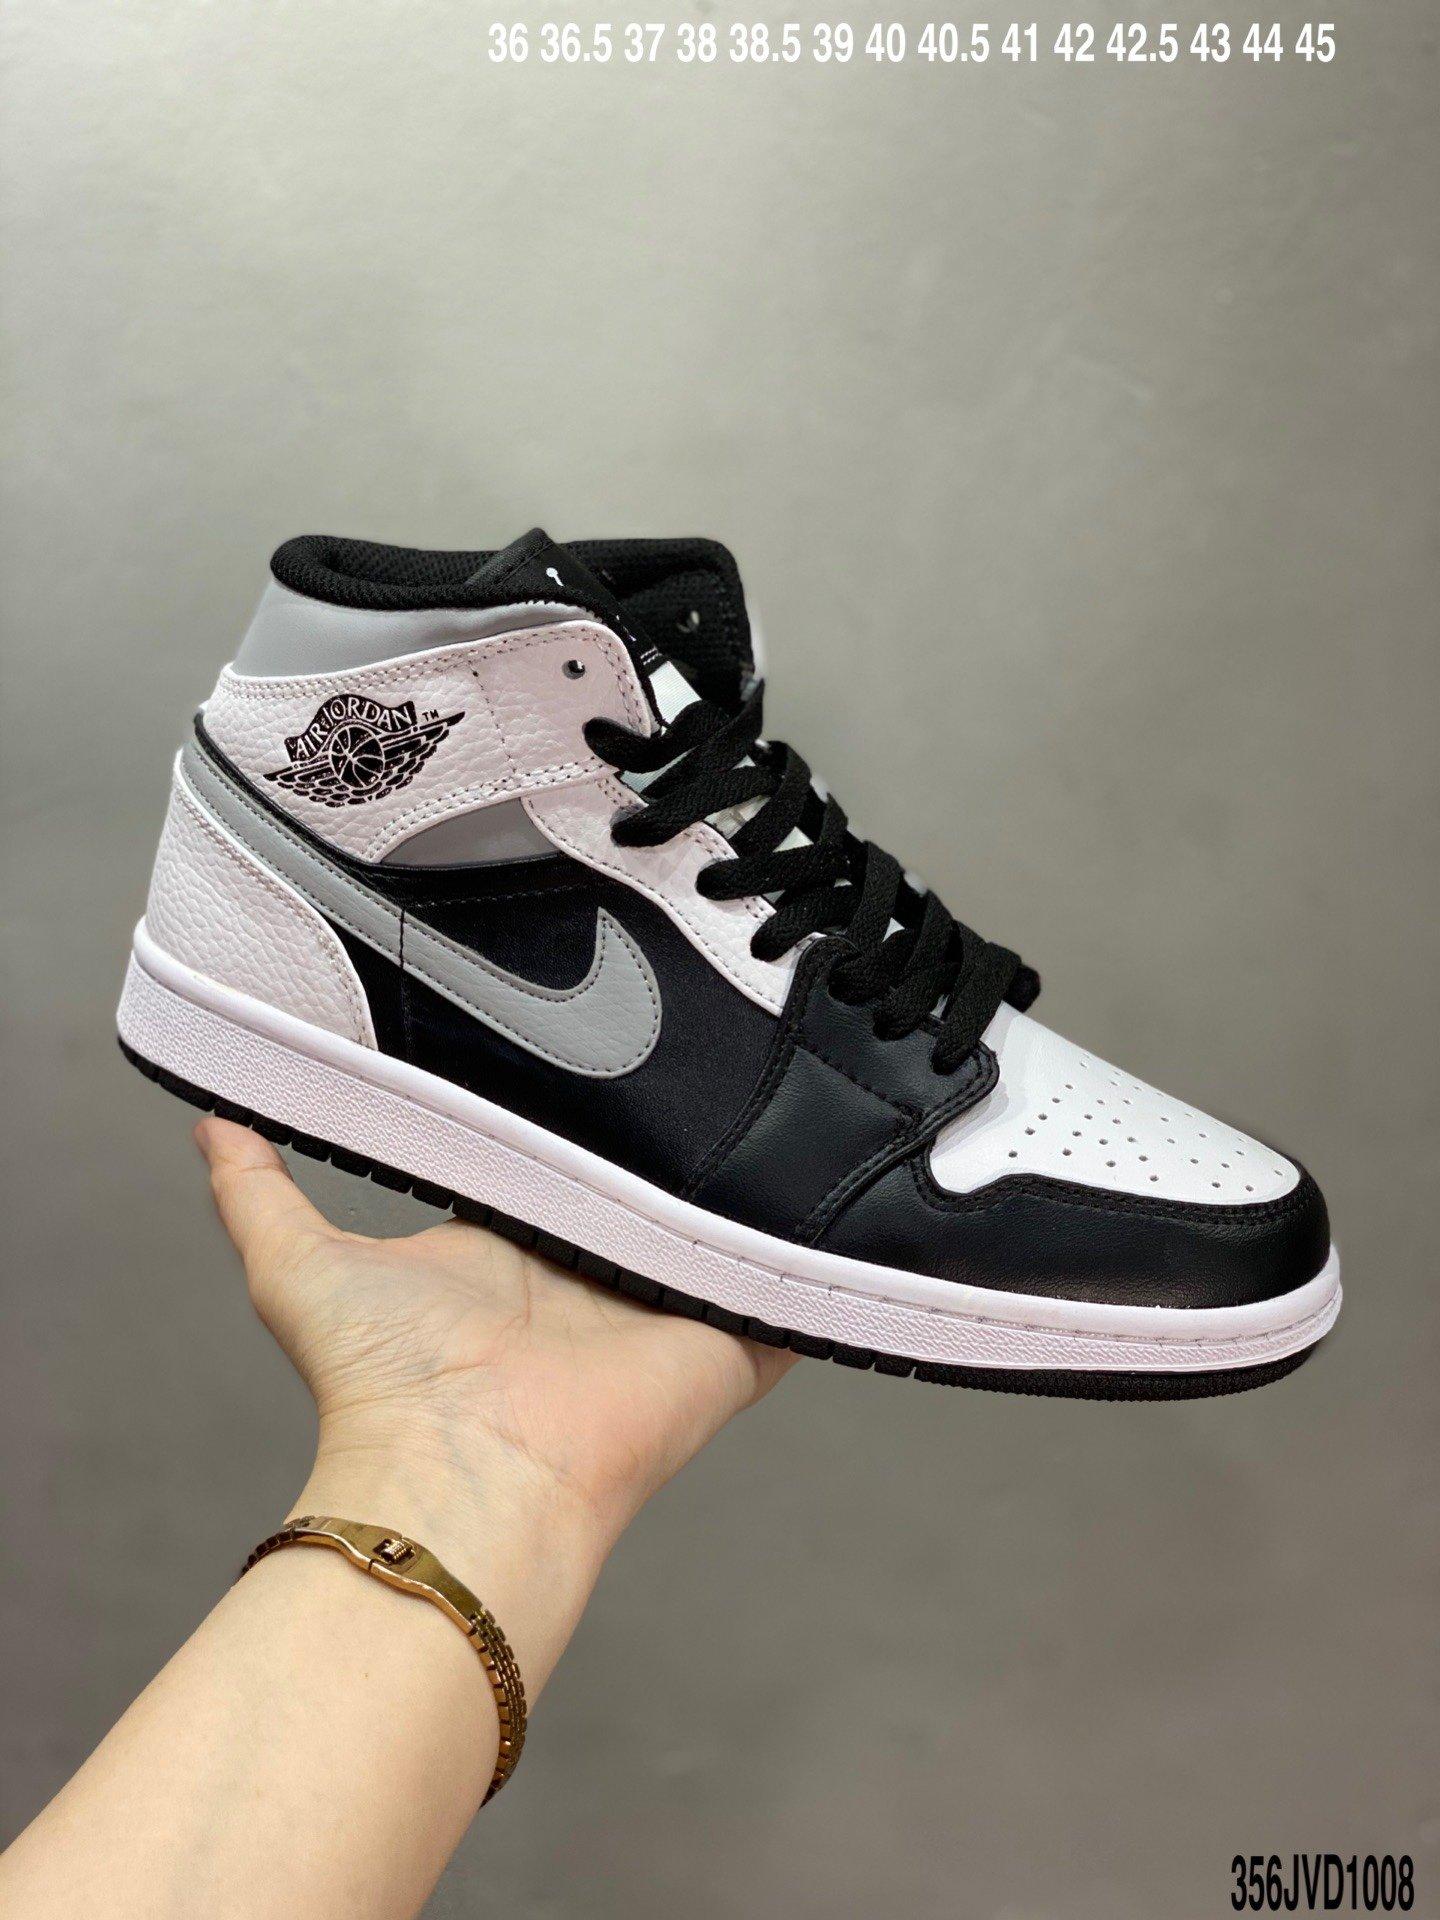 篮球鞋, Jordan, Air Jordan 1 Mid, Air Jordan 1, Air Jordan